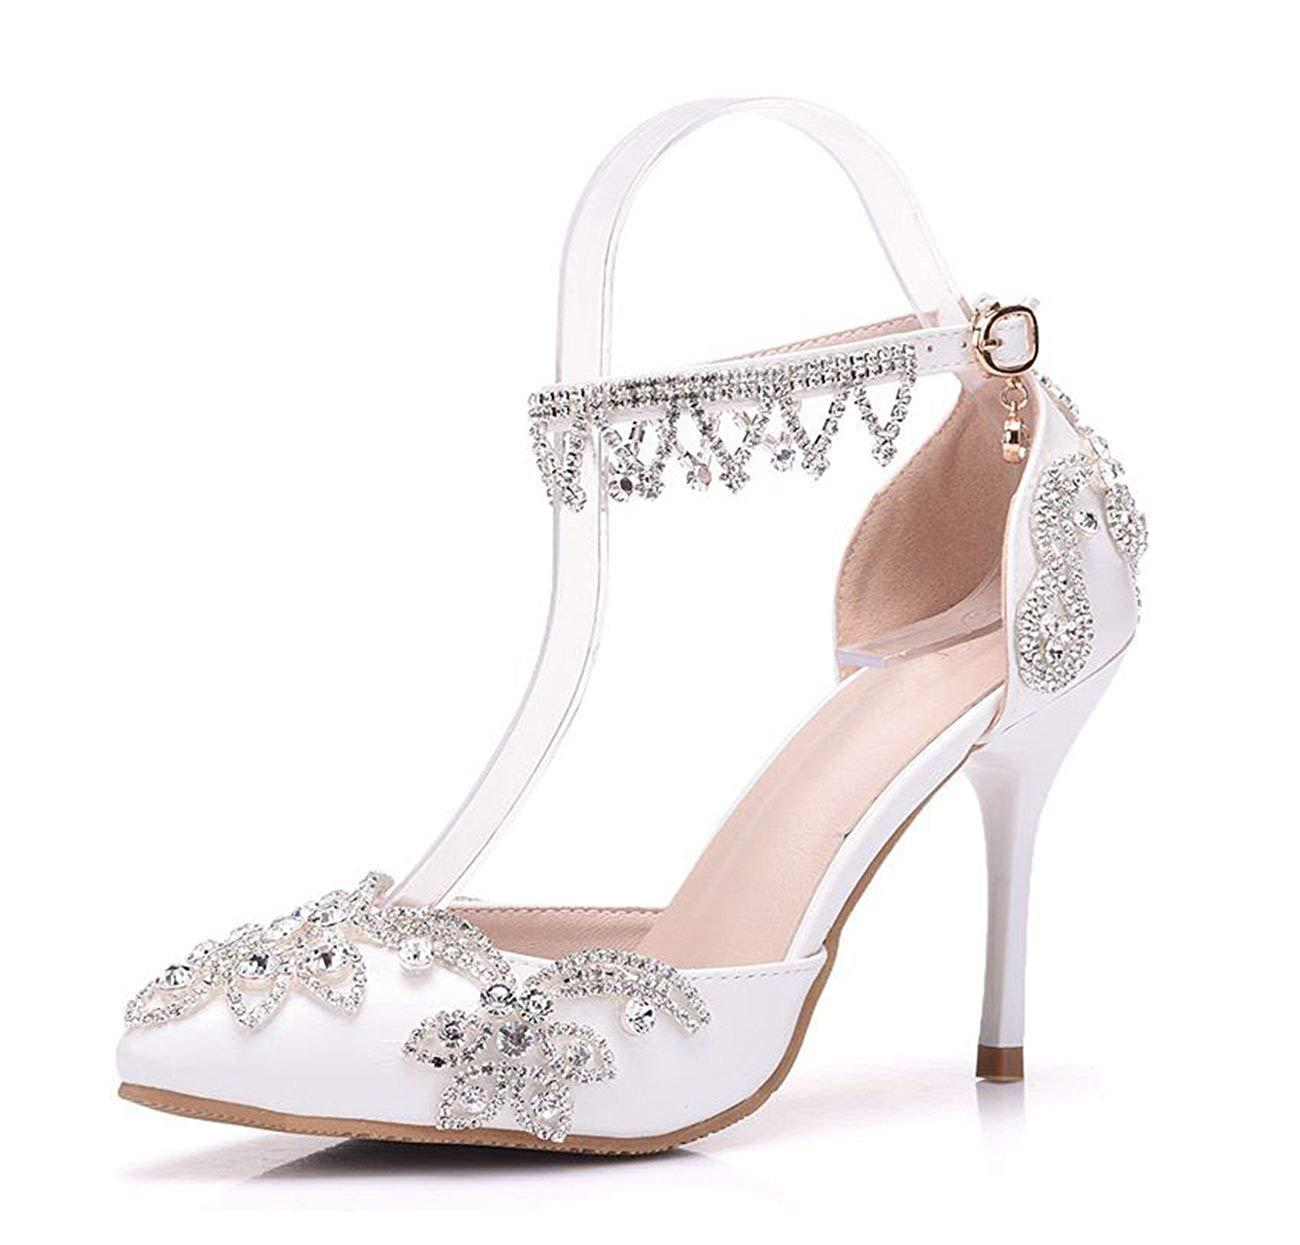 ZHRUI Les Les Les Les dames Pointues Toe Appliques de Satin de mariée mariée Cheville Chaines Chaussures (Couleuré   Ivory-10cm Heel, Taille   5 UK) 826